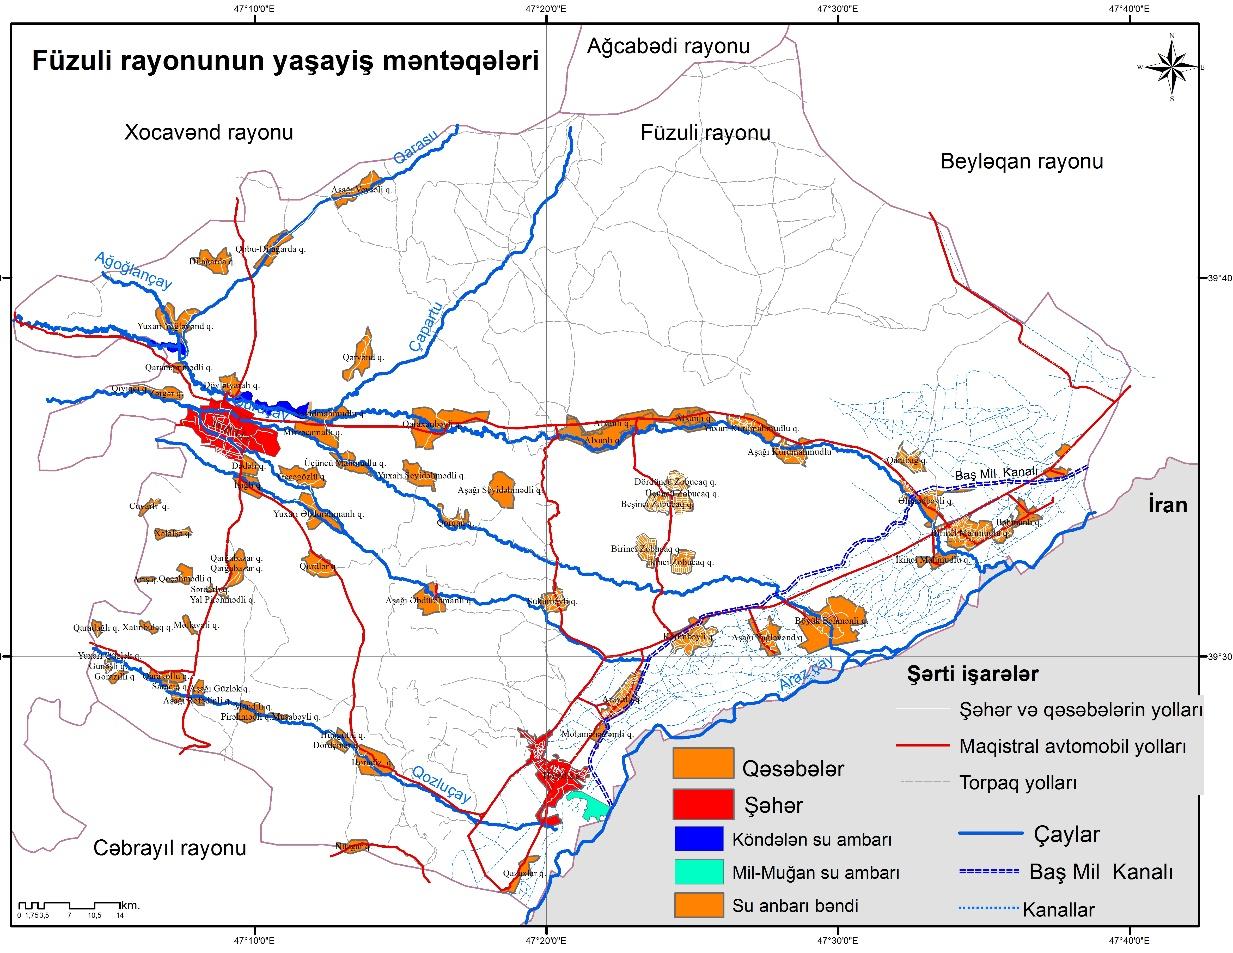 Coğrafiyaçi alimlər Füzuli rayonunun iqtisadi potensialını araşdırırlar